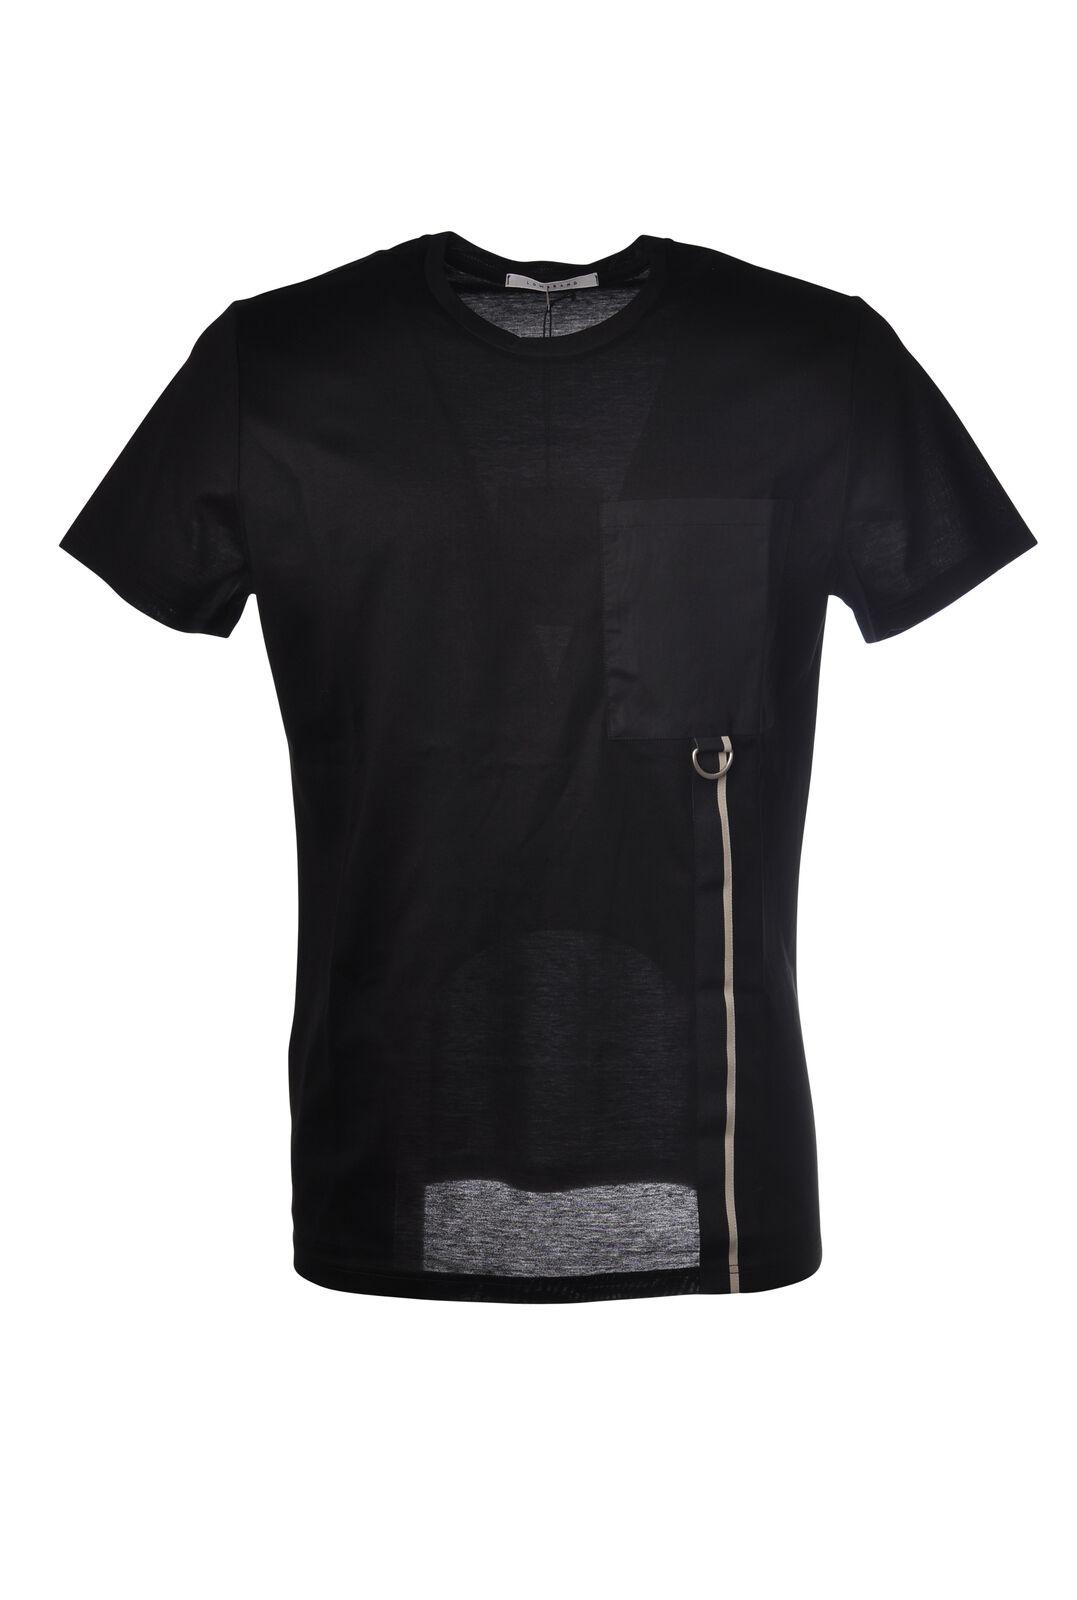 Low Brand - Topwear-T-shirts - Uomo - Nero - 5252325I185347